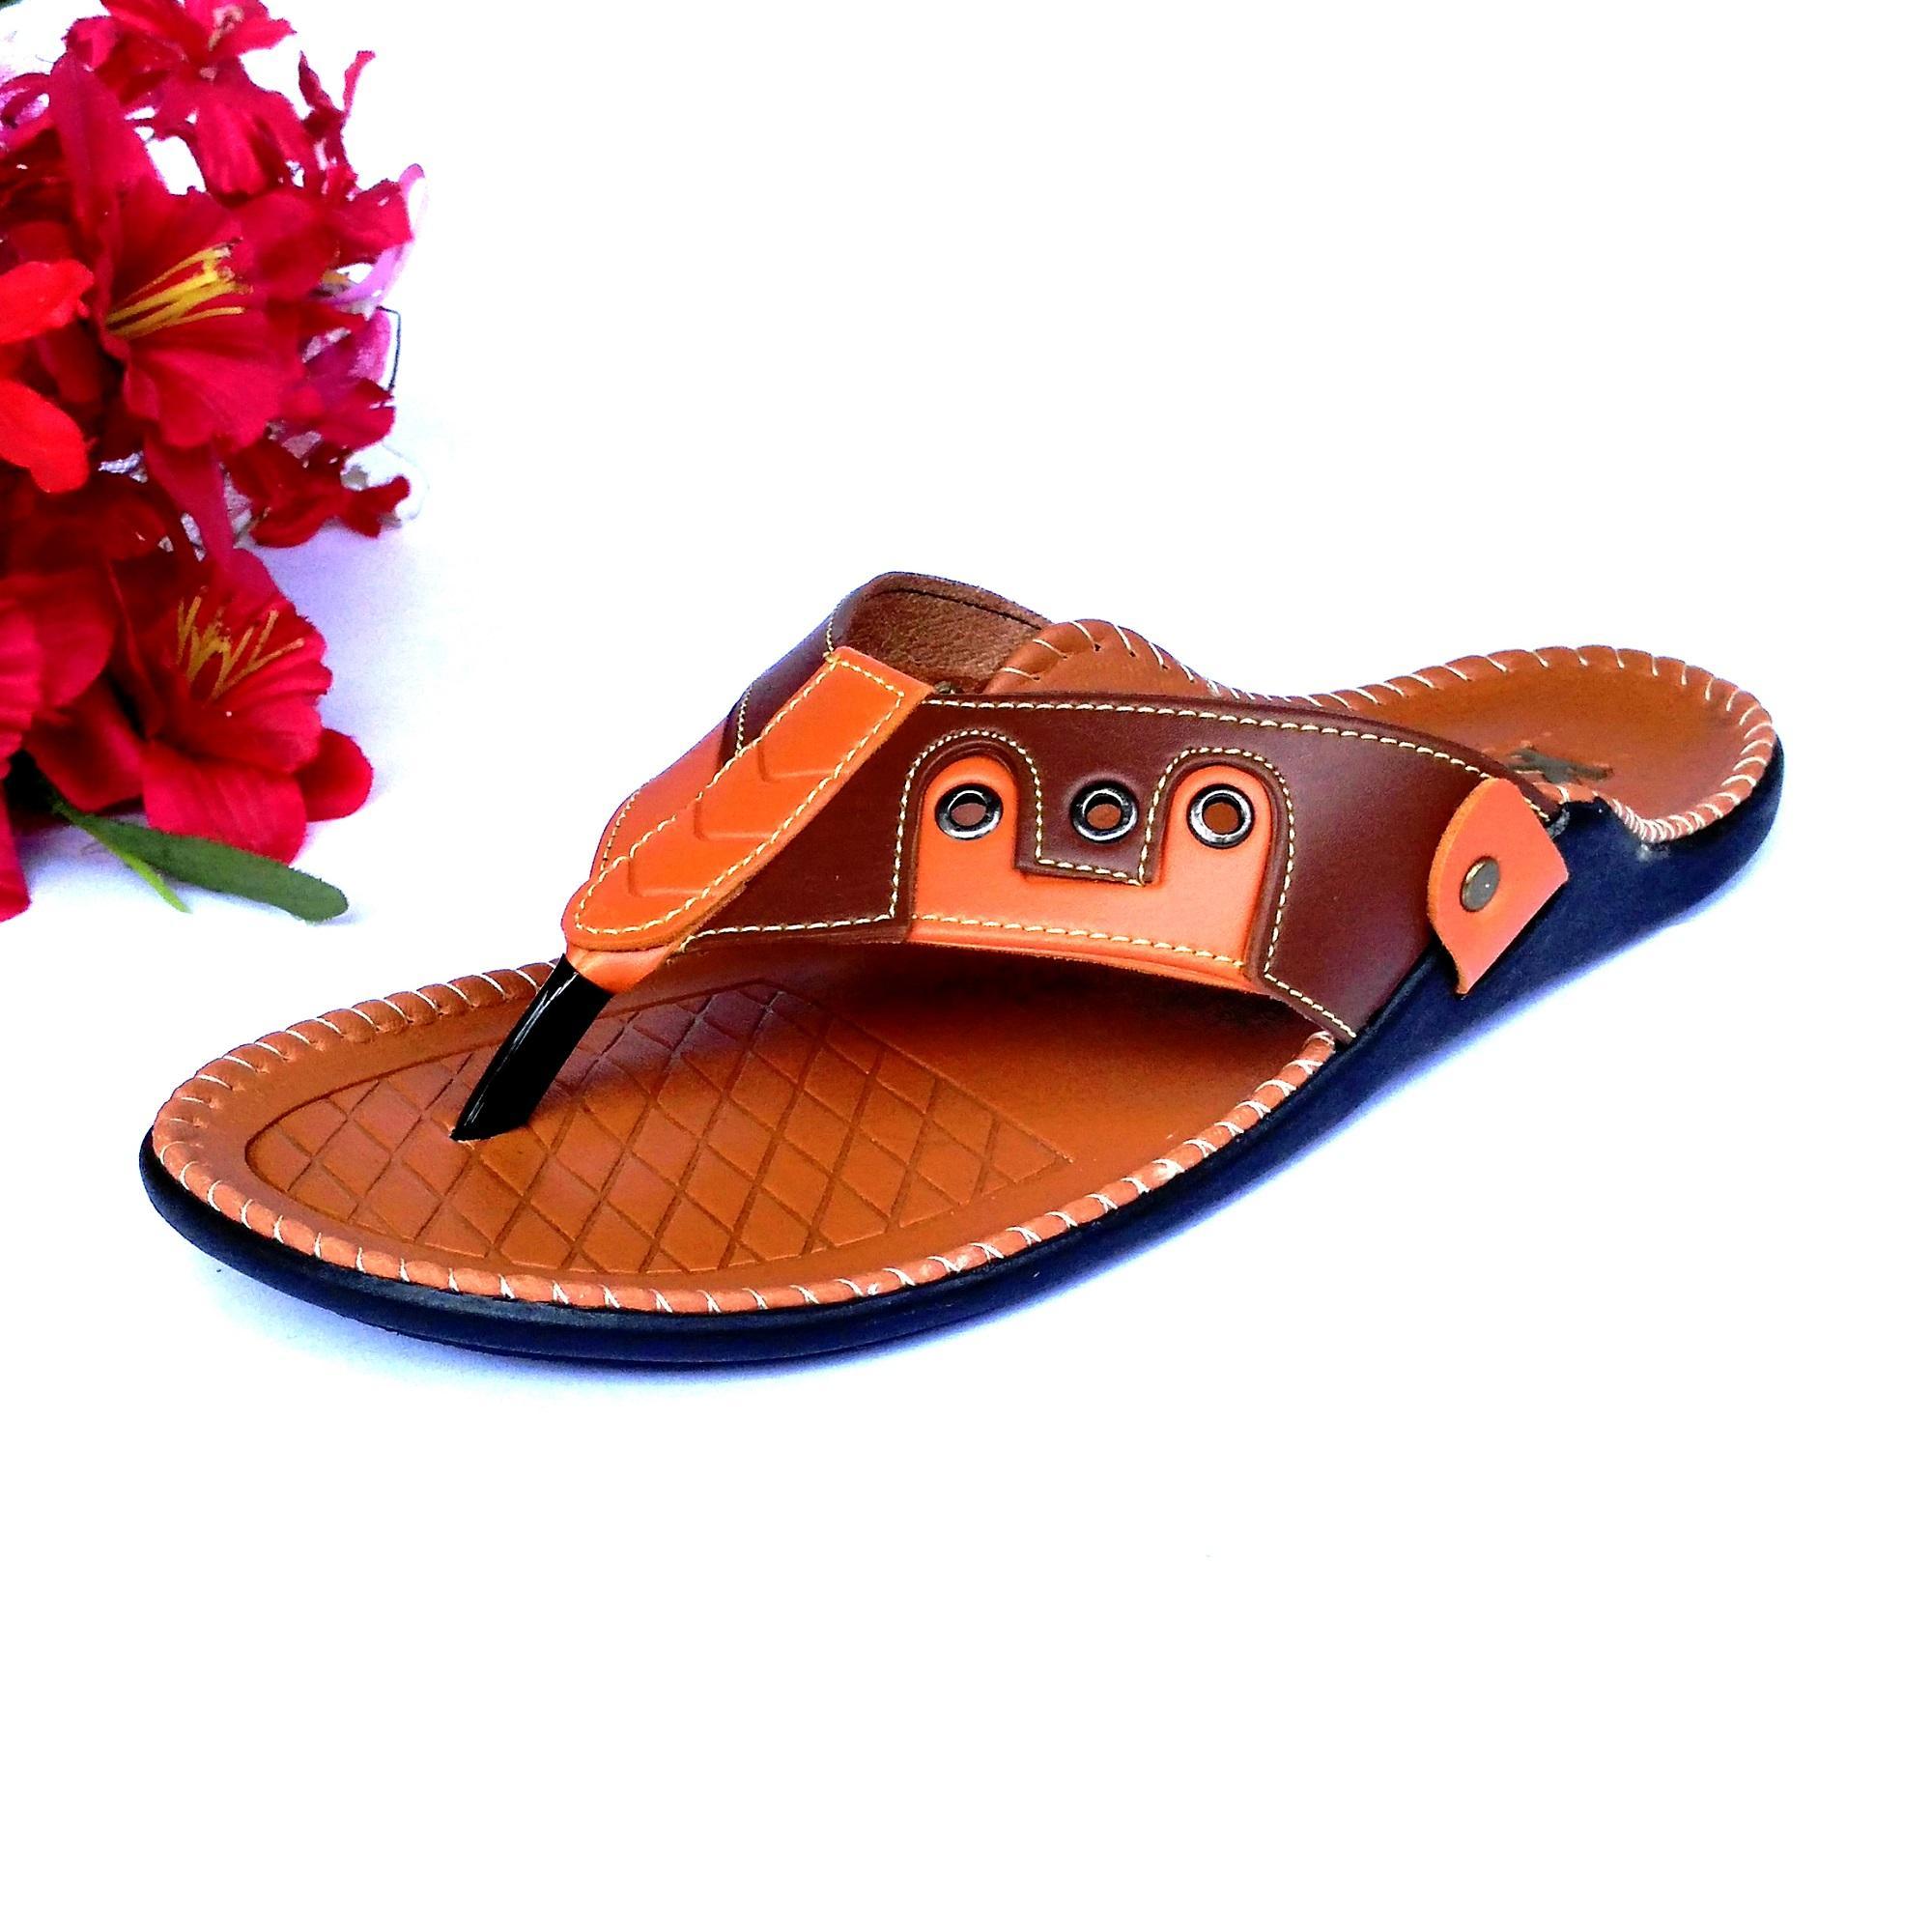 HQo Sandal Pria Terbaru / Sandal Gunung / Sepatu Sandal Pria Murah / Sandal Kulit Pria / Sandal Casual / Sandal Selop / Sandal Jepit / Fashion Pria / Sandal Pria Casual / Sandal Pria Kasual / Sendal Pria / Sandal Pria Murah / KPNG